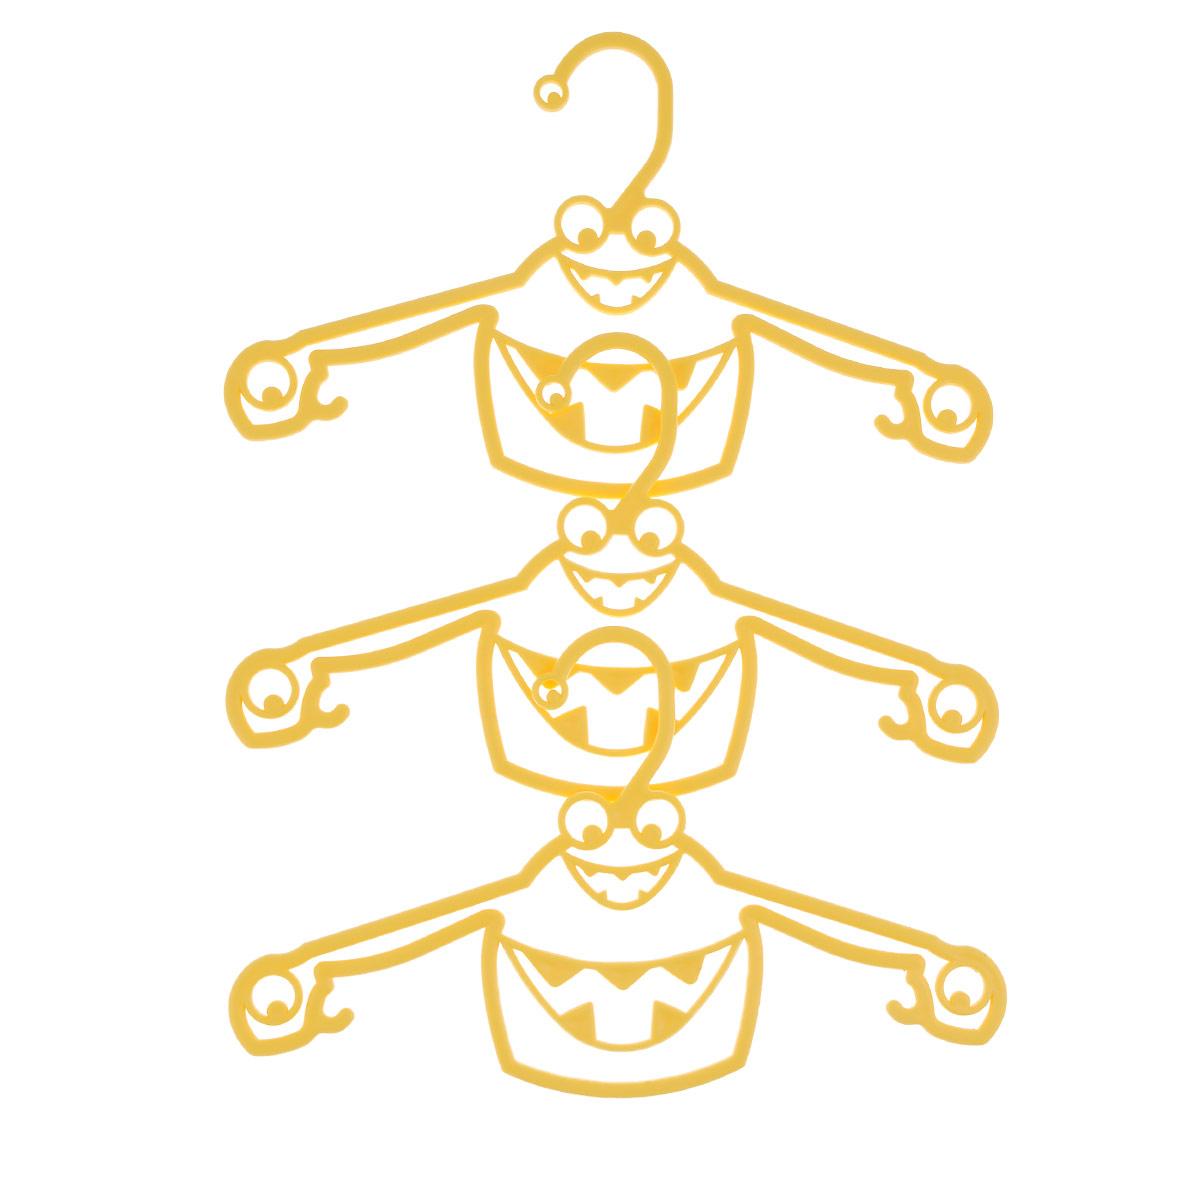 Набор вешалок Пластишка, с крючками, цвет: желтый, 3 штС13024Набор Пластишка, изготовленный из прочного полипропилена, состоит из 3 детских вешалок для одежды с закругленными плечиками. Изделия оснащены крючками. Вешалка - это незаменимая вещь для того, чтобы ваша одежда всегда оставалась в хорошем состоянии. Комплектация: 3 шт.